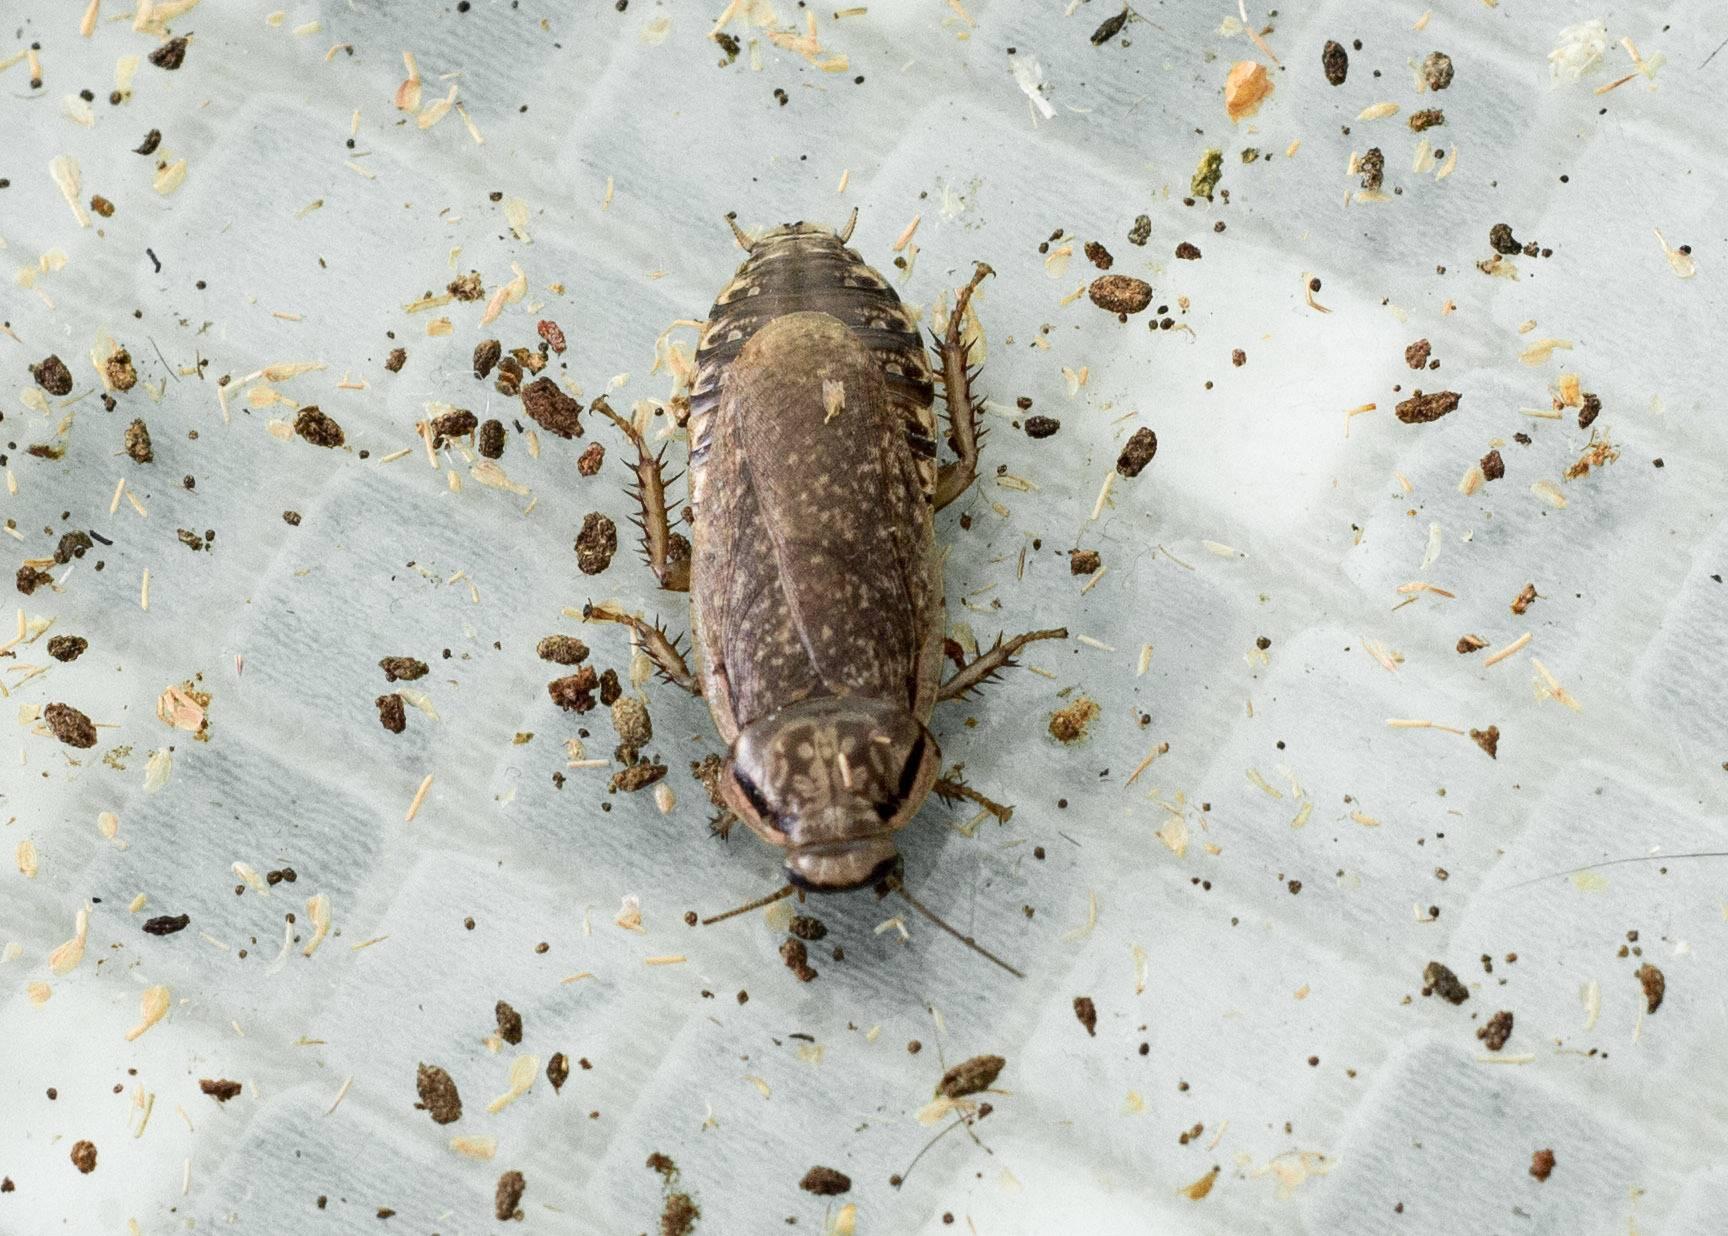 Сколько тараканов вылупляется из одного яйца